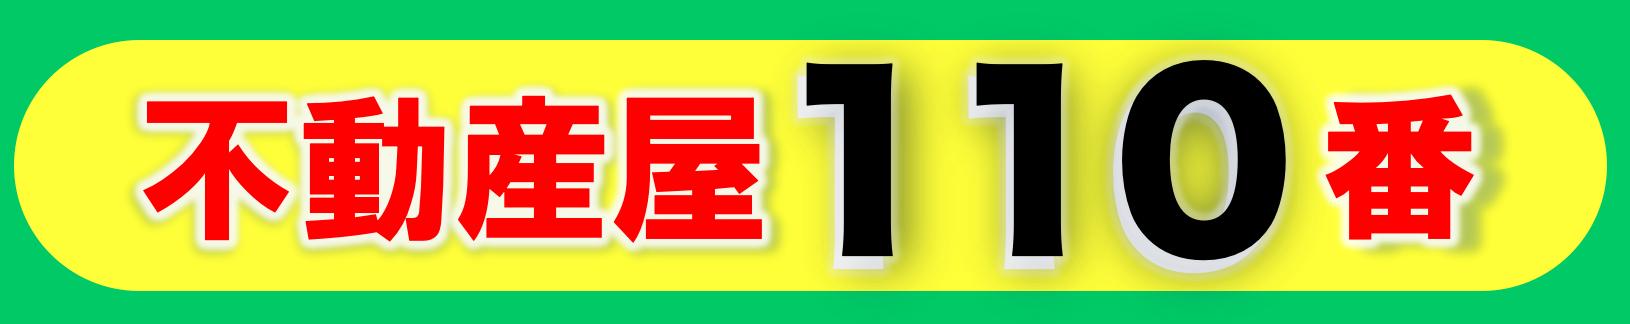 不動産110番 石垣店